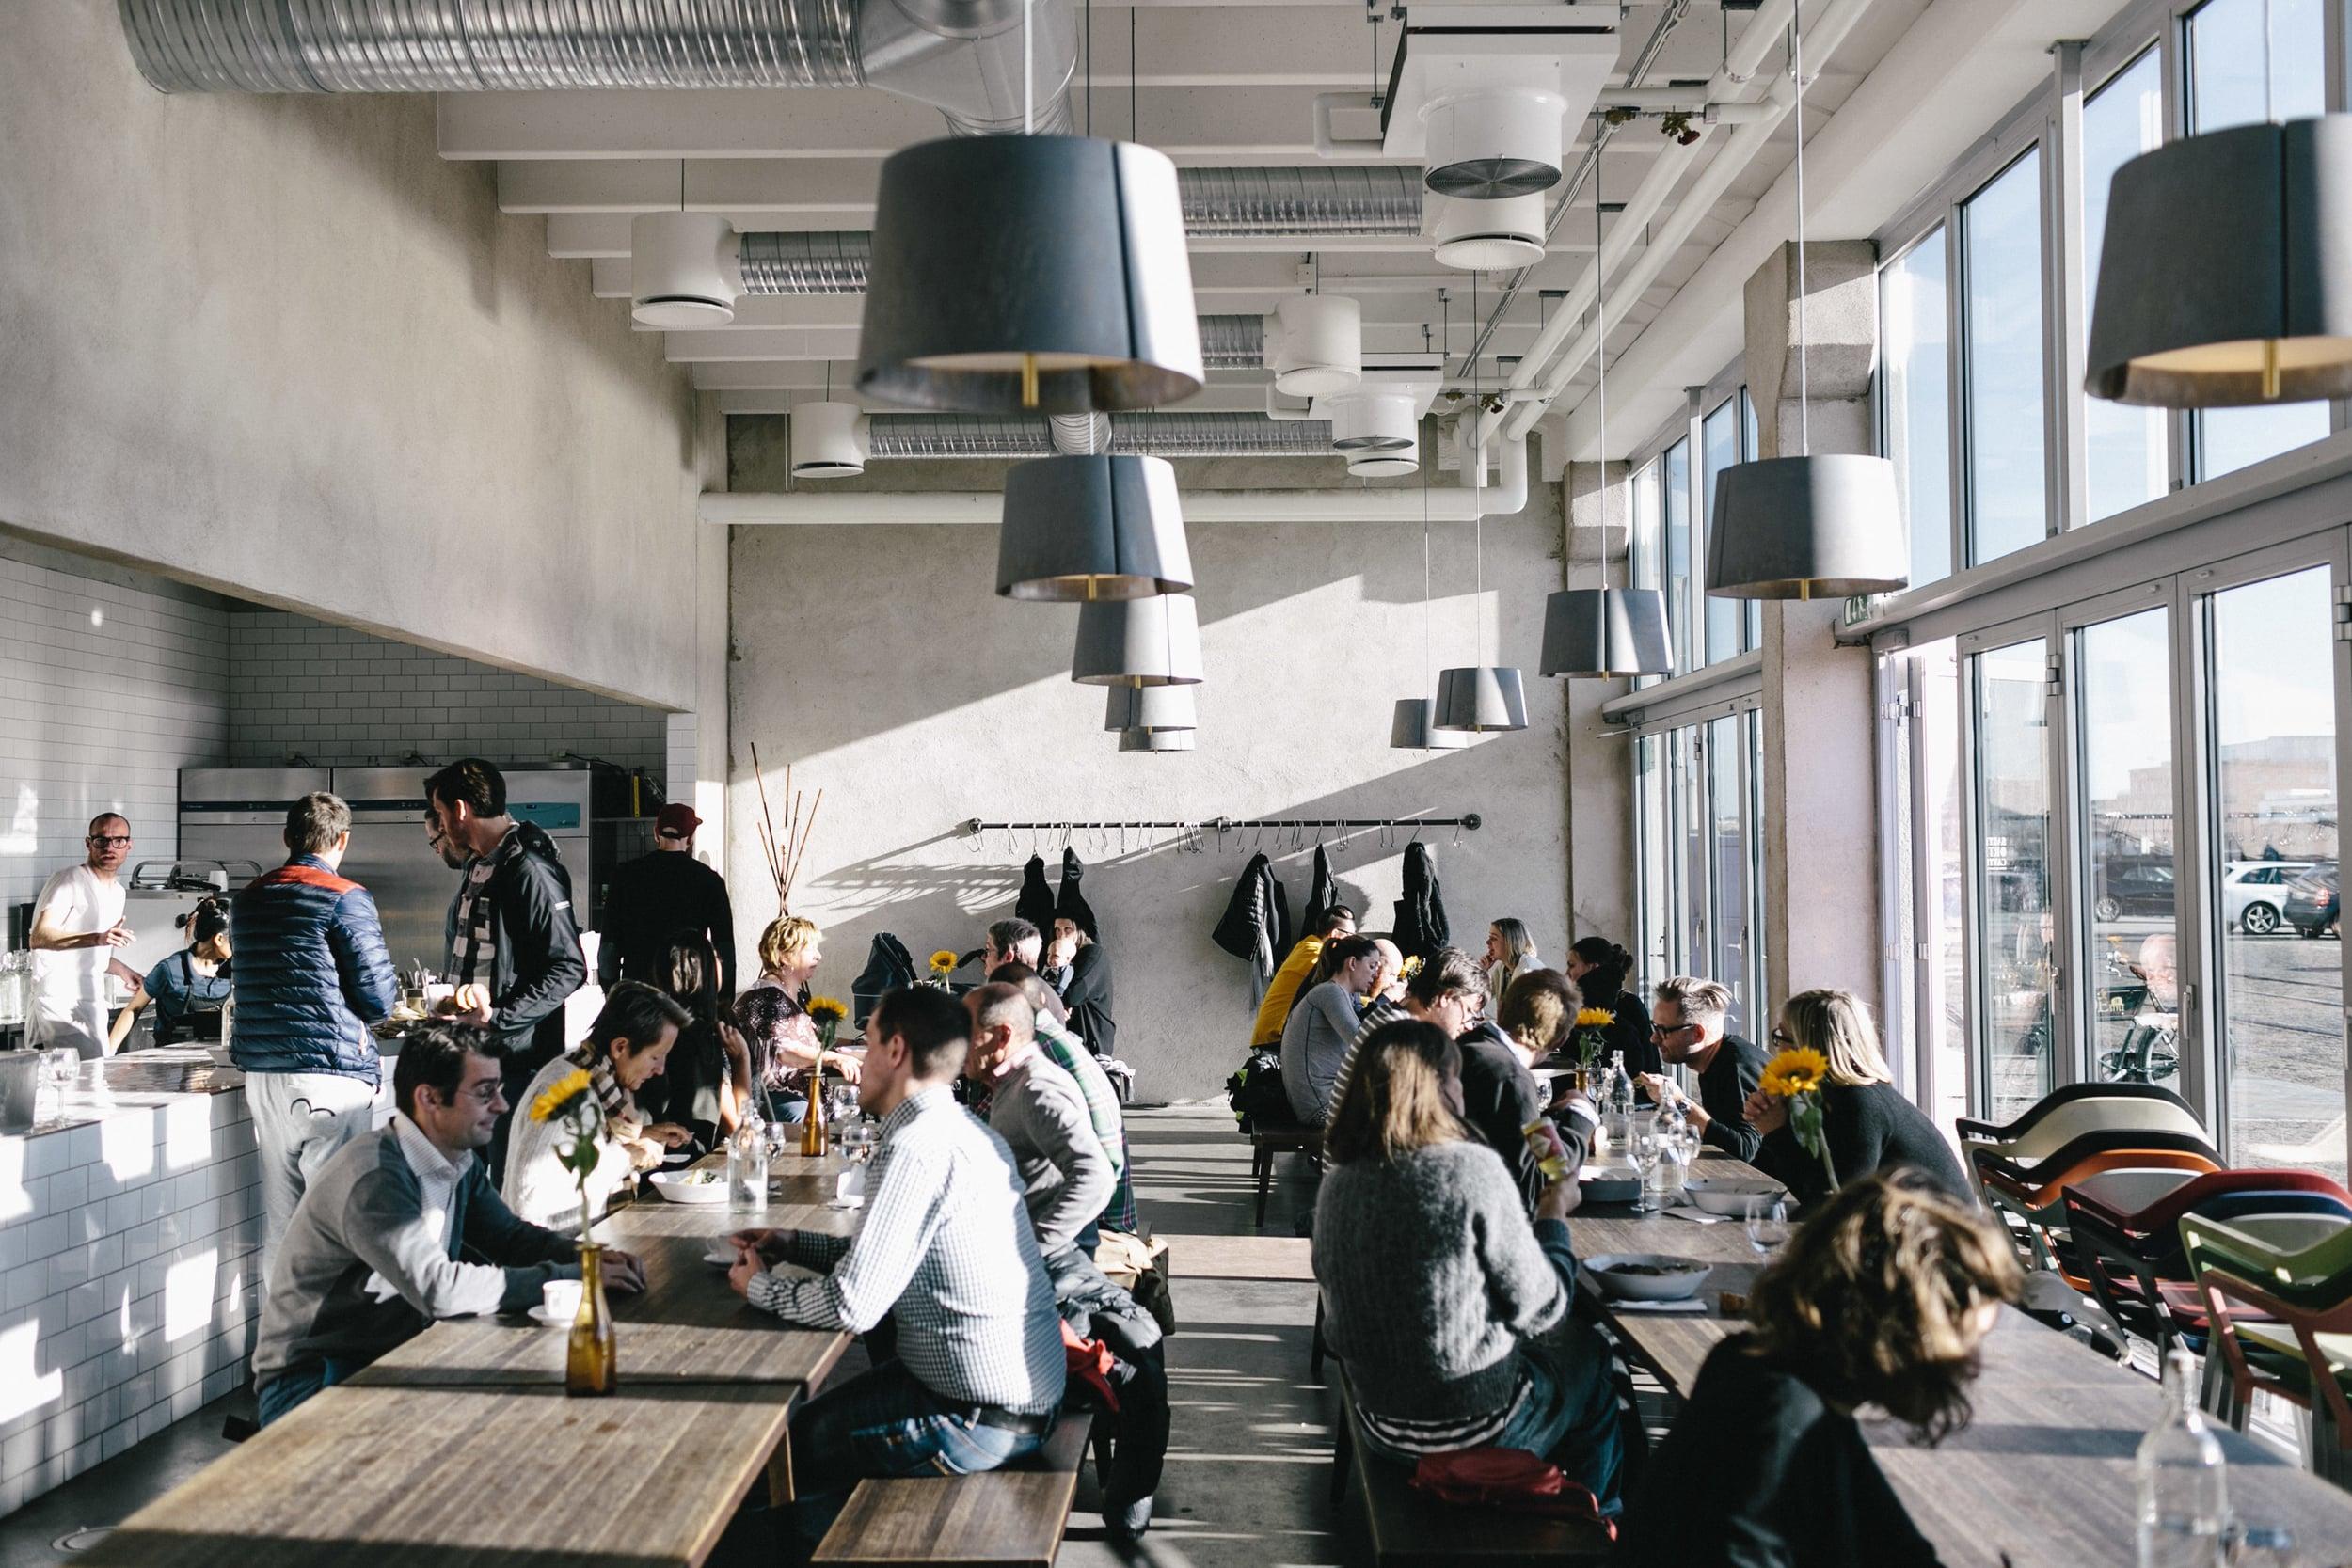 Saltimporten Canteen_Creative Malmö-7.JPG